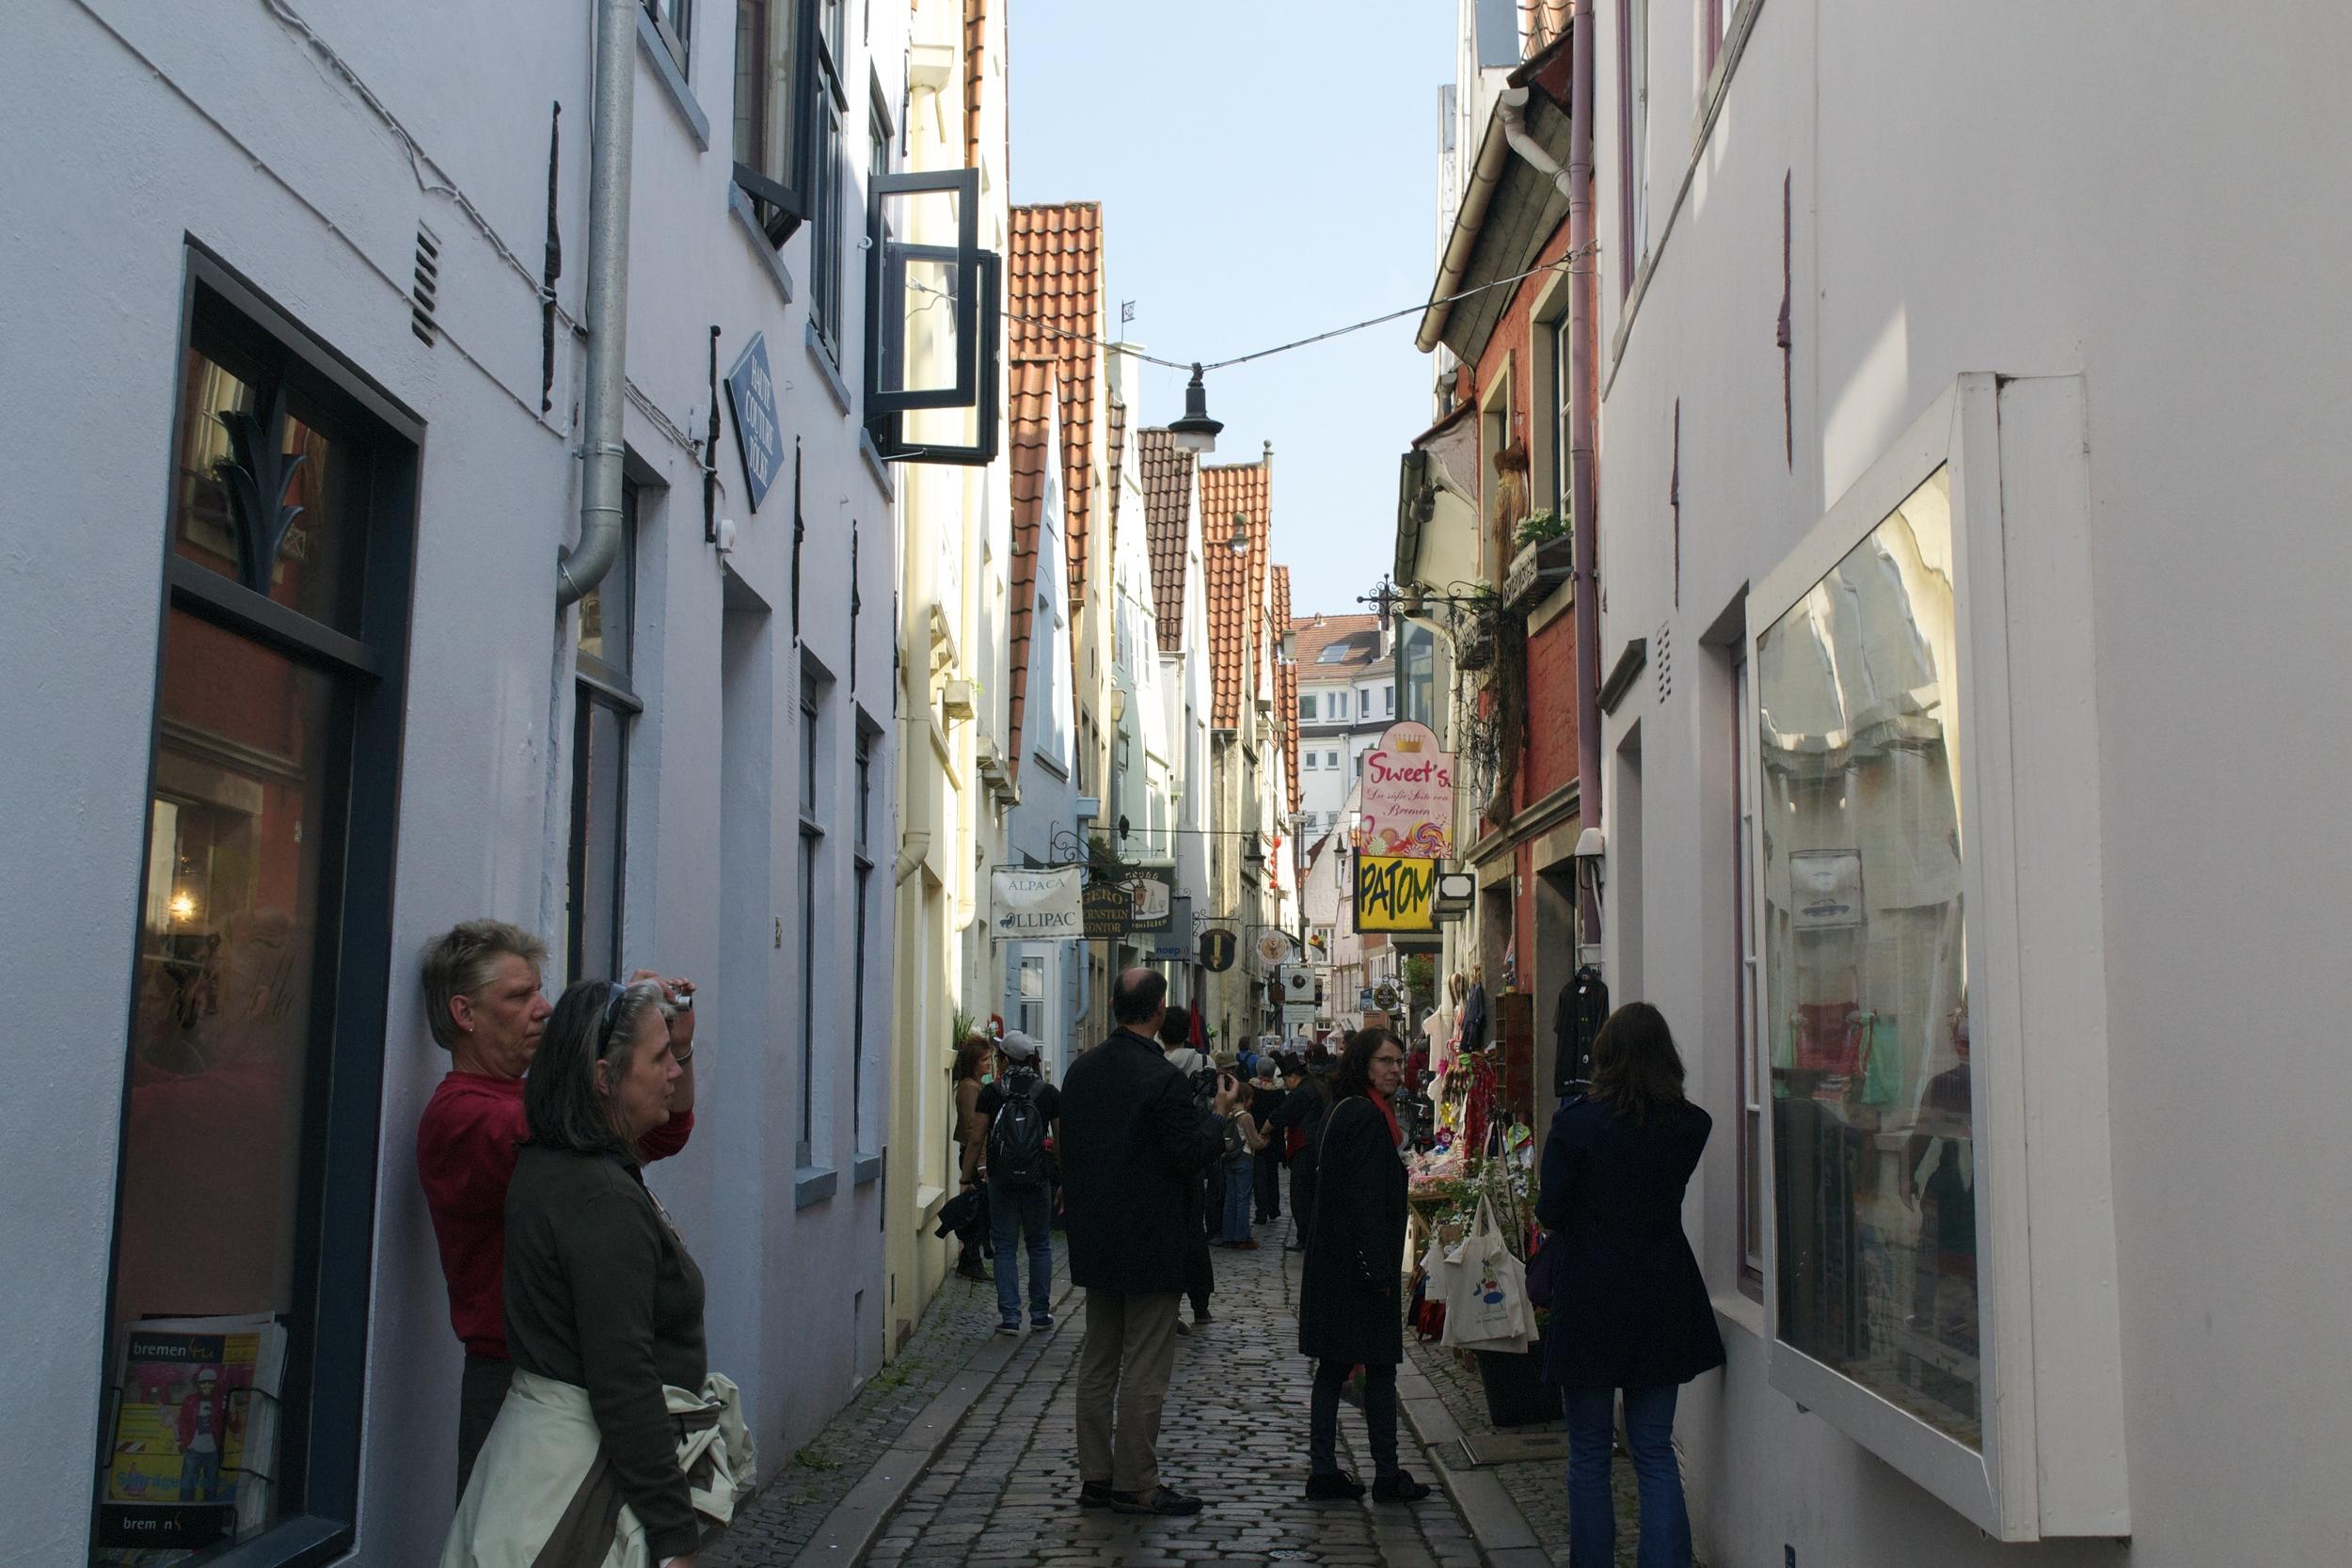 A typical street in the Schnoorviertel.